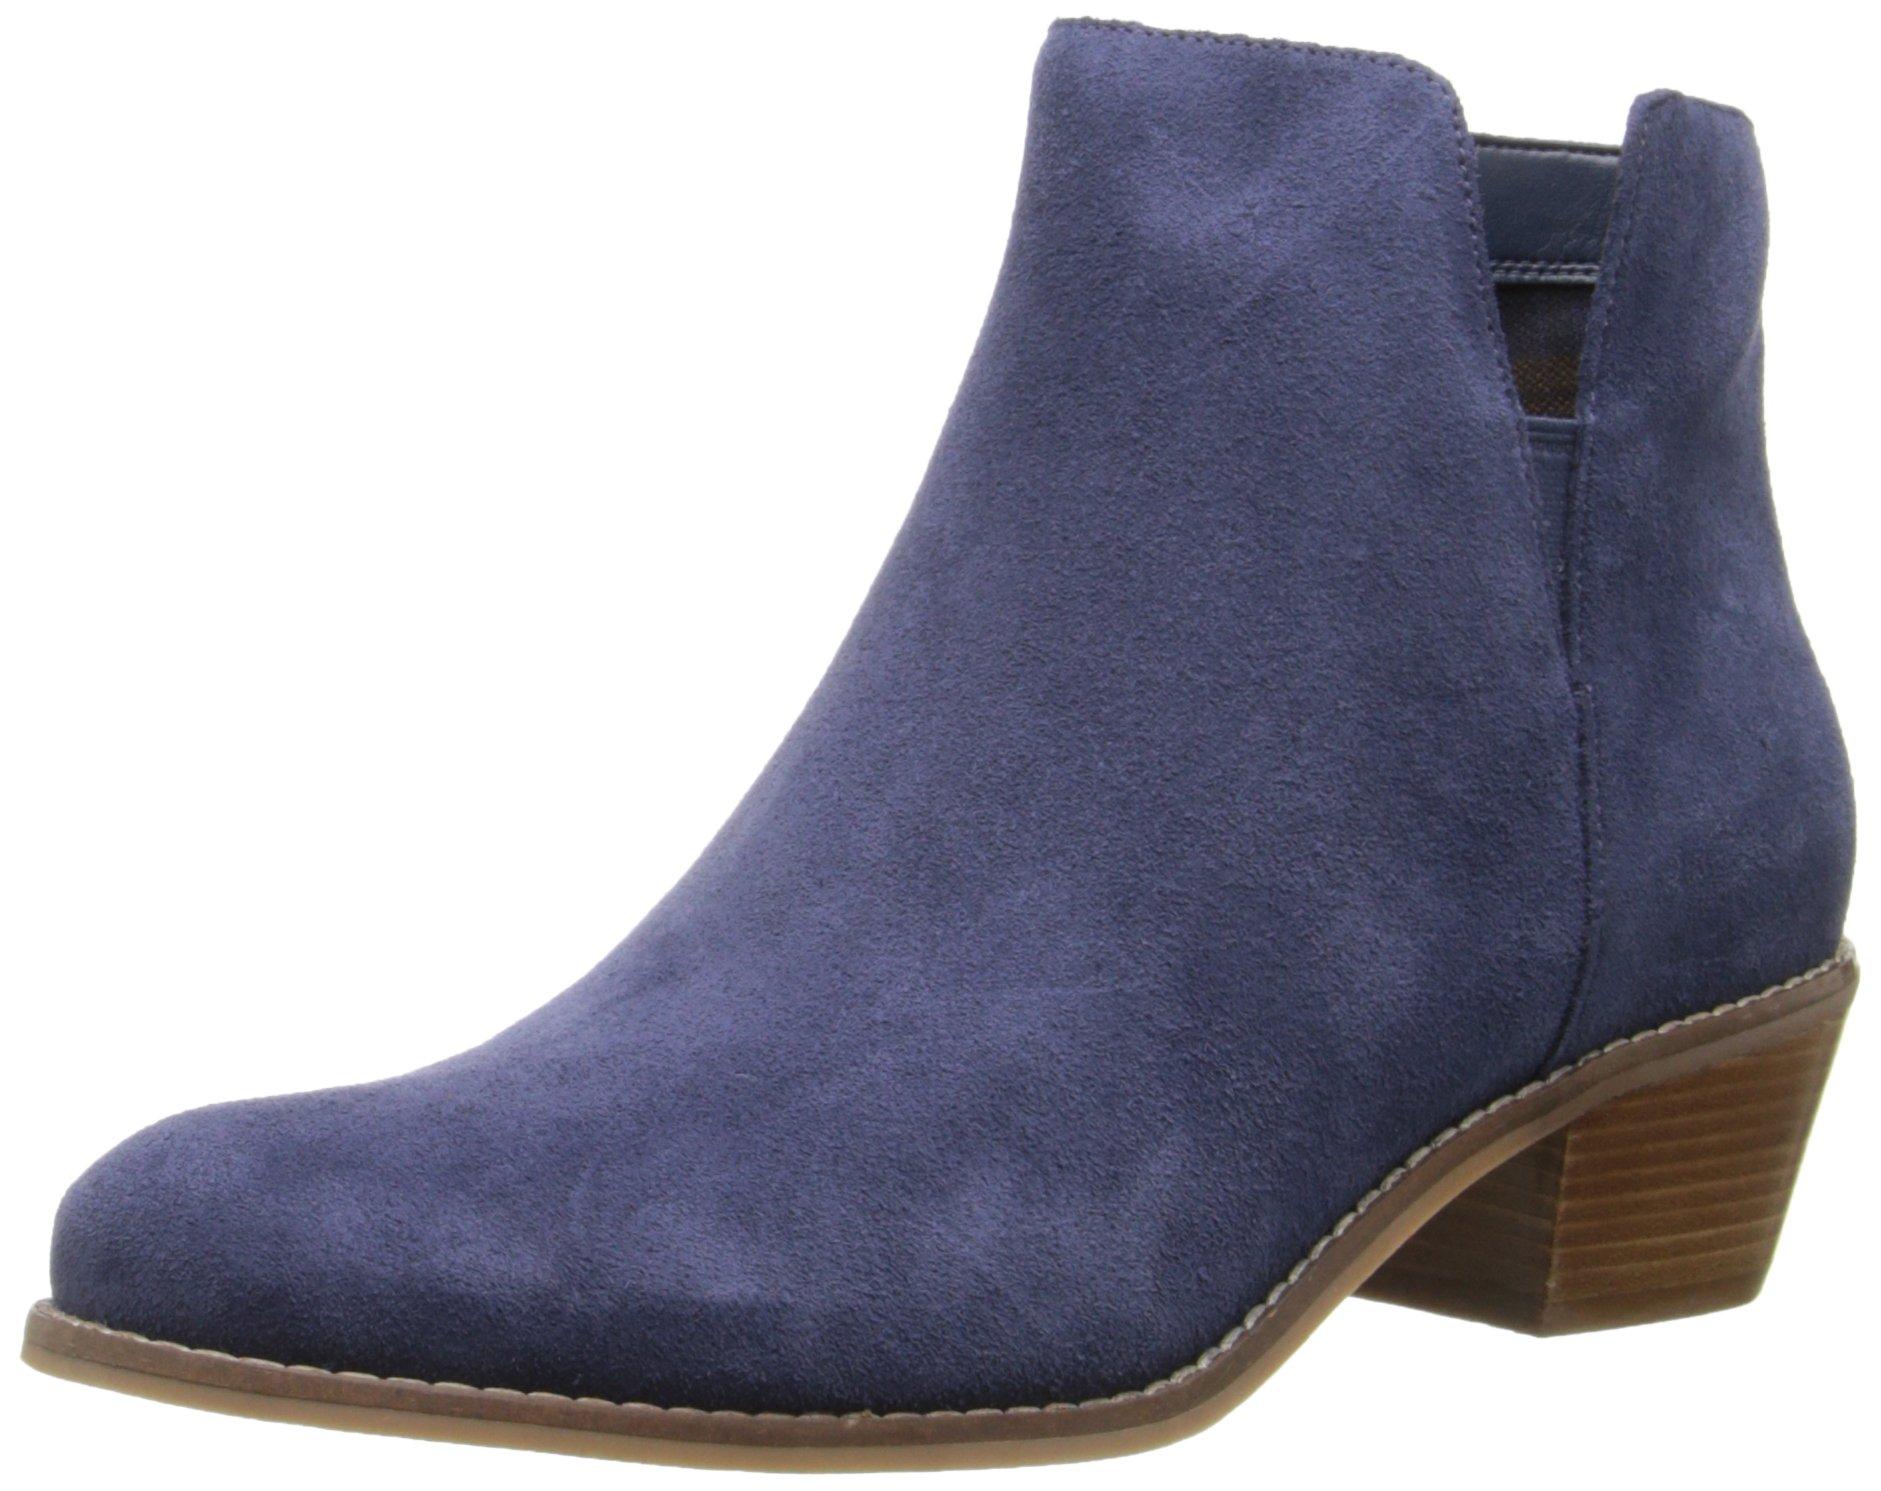 Cole Haan Women's Abbot Boot, Blazer Blue Suede, 9 B US